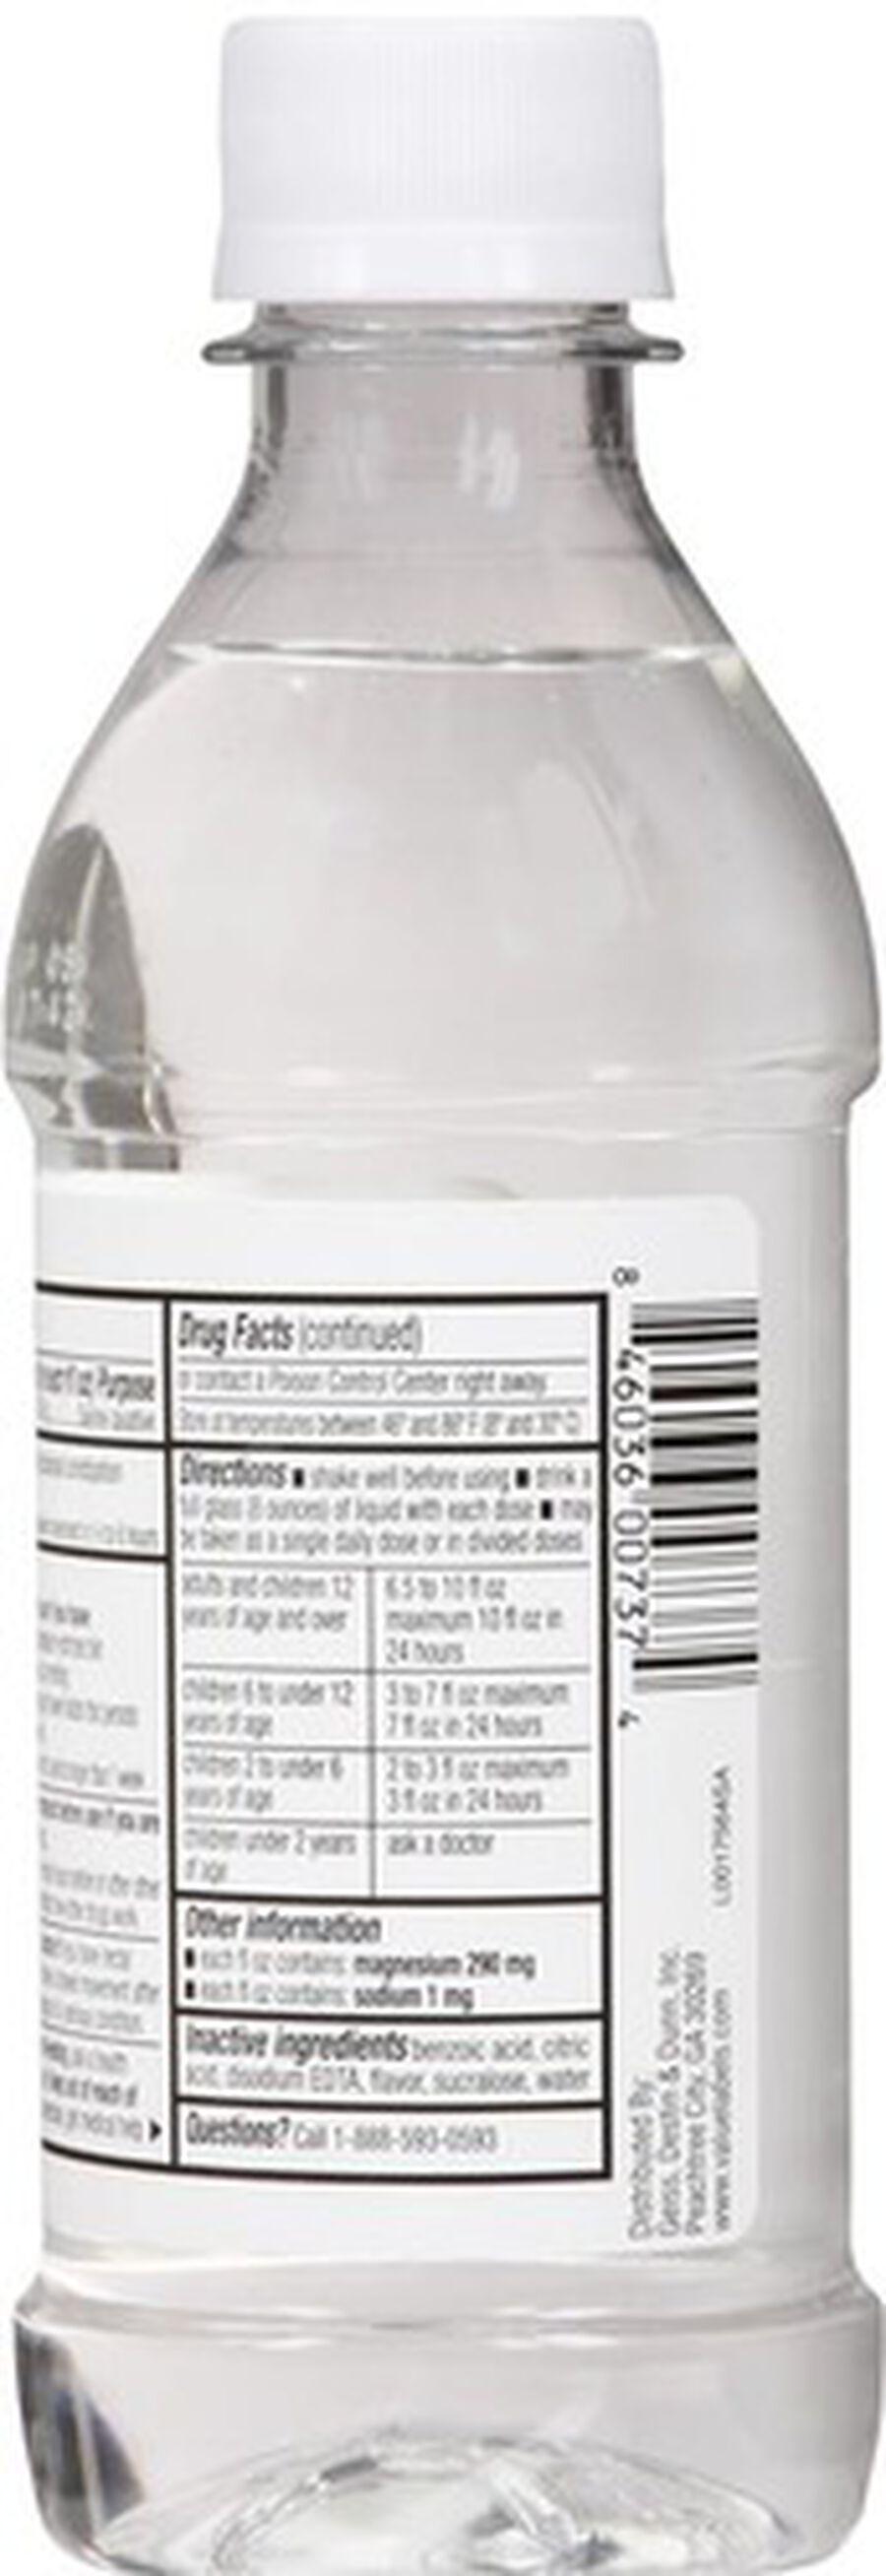 GoodSense® Cirtrate Magneisum Dye- Free Lemon, 10 oz, , large image number 2